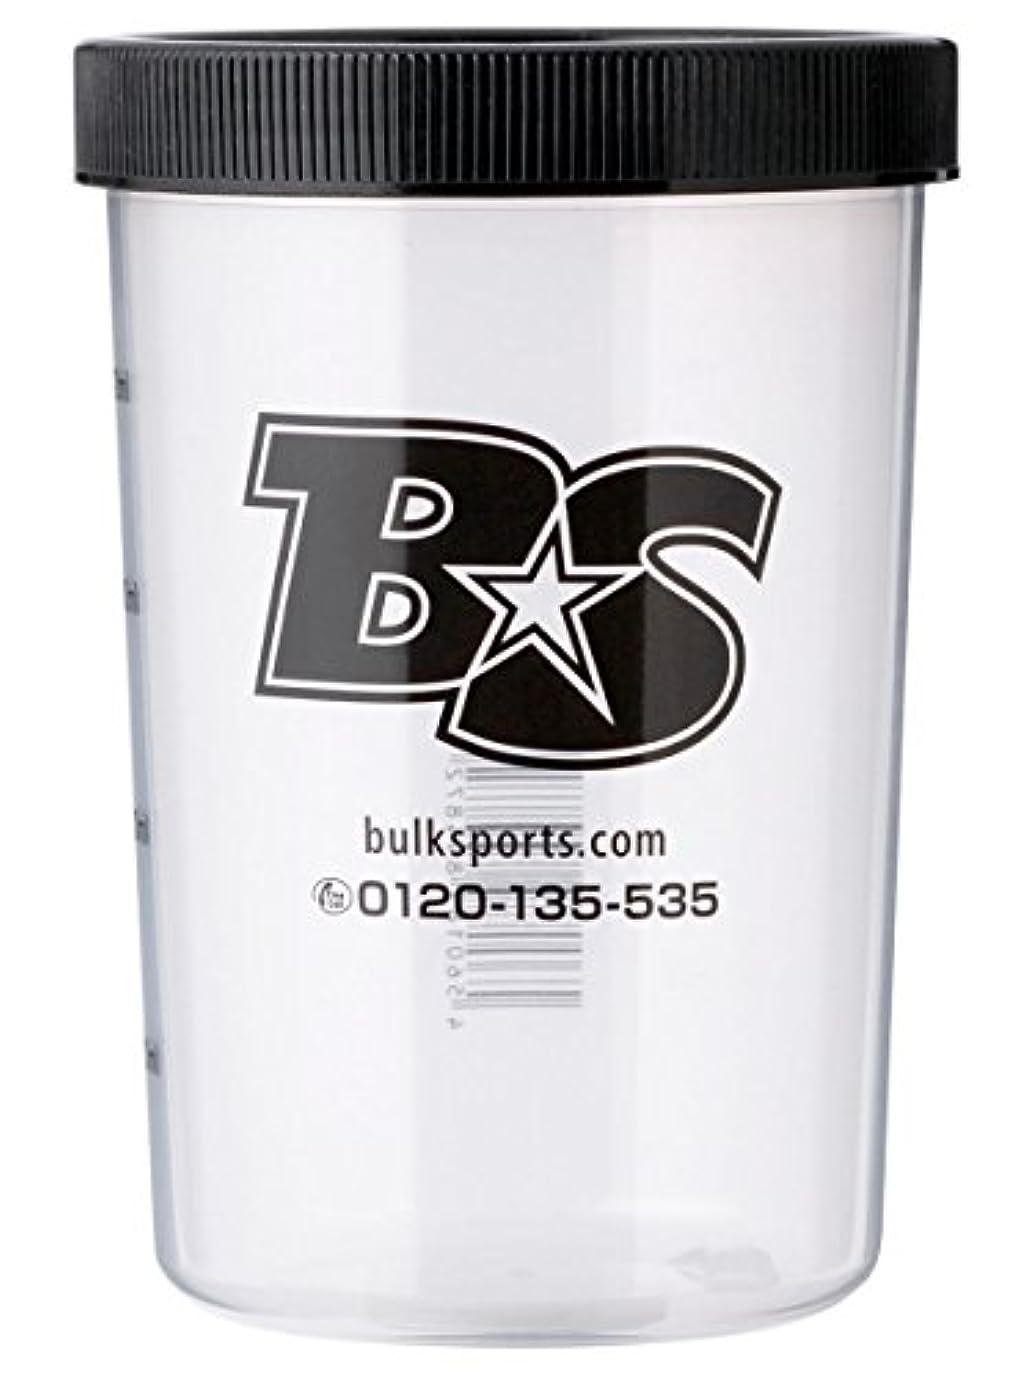 設計杭信仰バルクスポーツ プロテインシェイカー BS STAR ロゴ入りシェイカーカップ(500ml)【日本製】